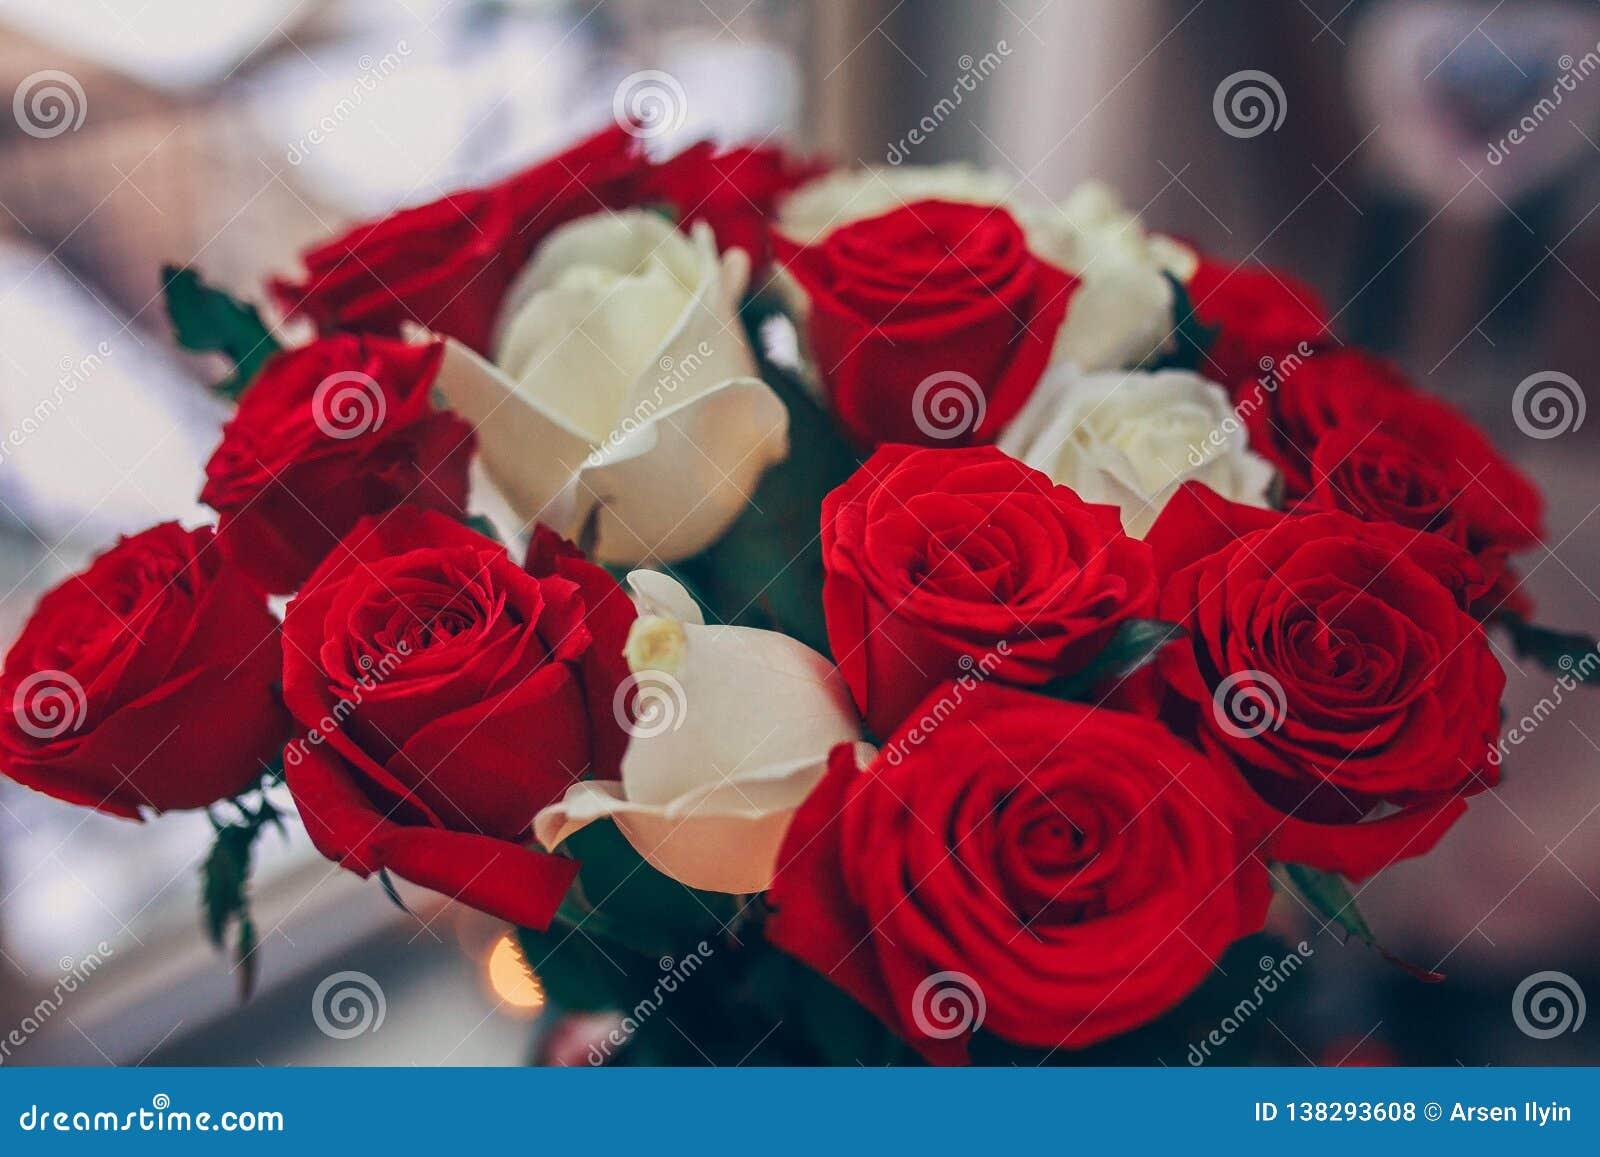 Ramalhete de rosas vermelhas e brancas